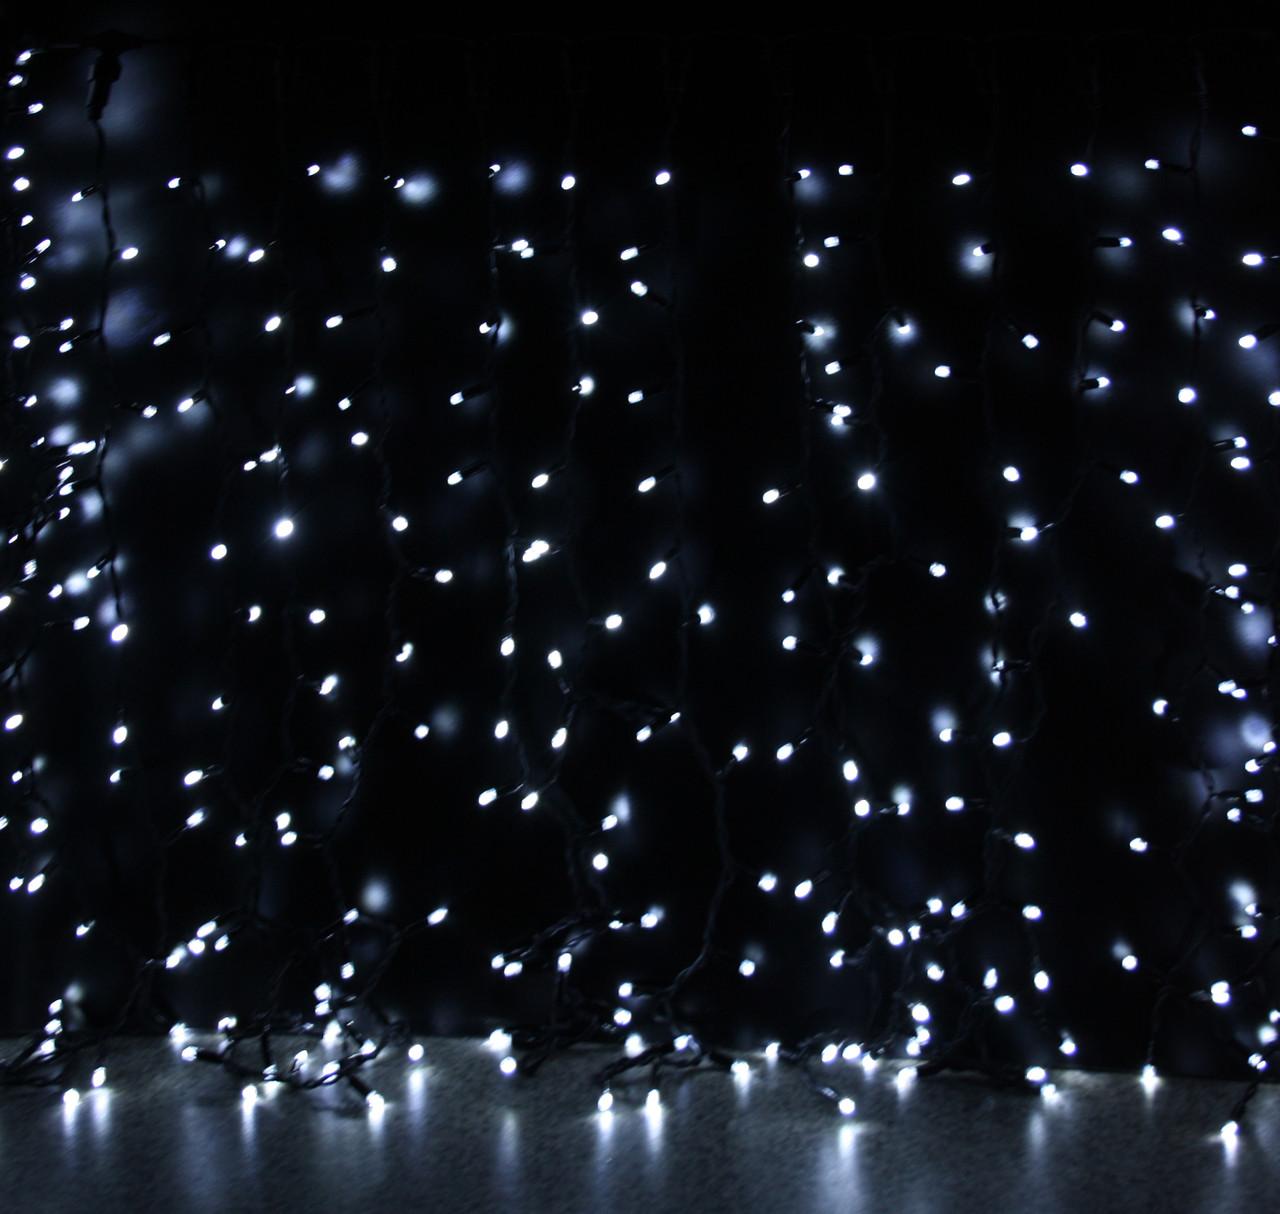 Уличная светодиодная гирлянда Штора Lumion Curtain (Куртейн) 288 led наружная цвет белый холодный